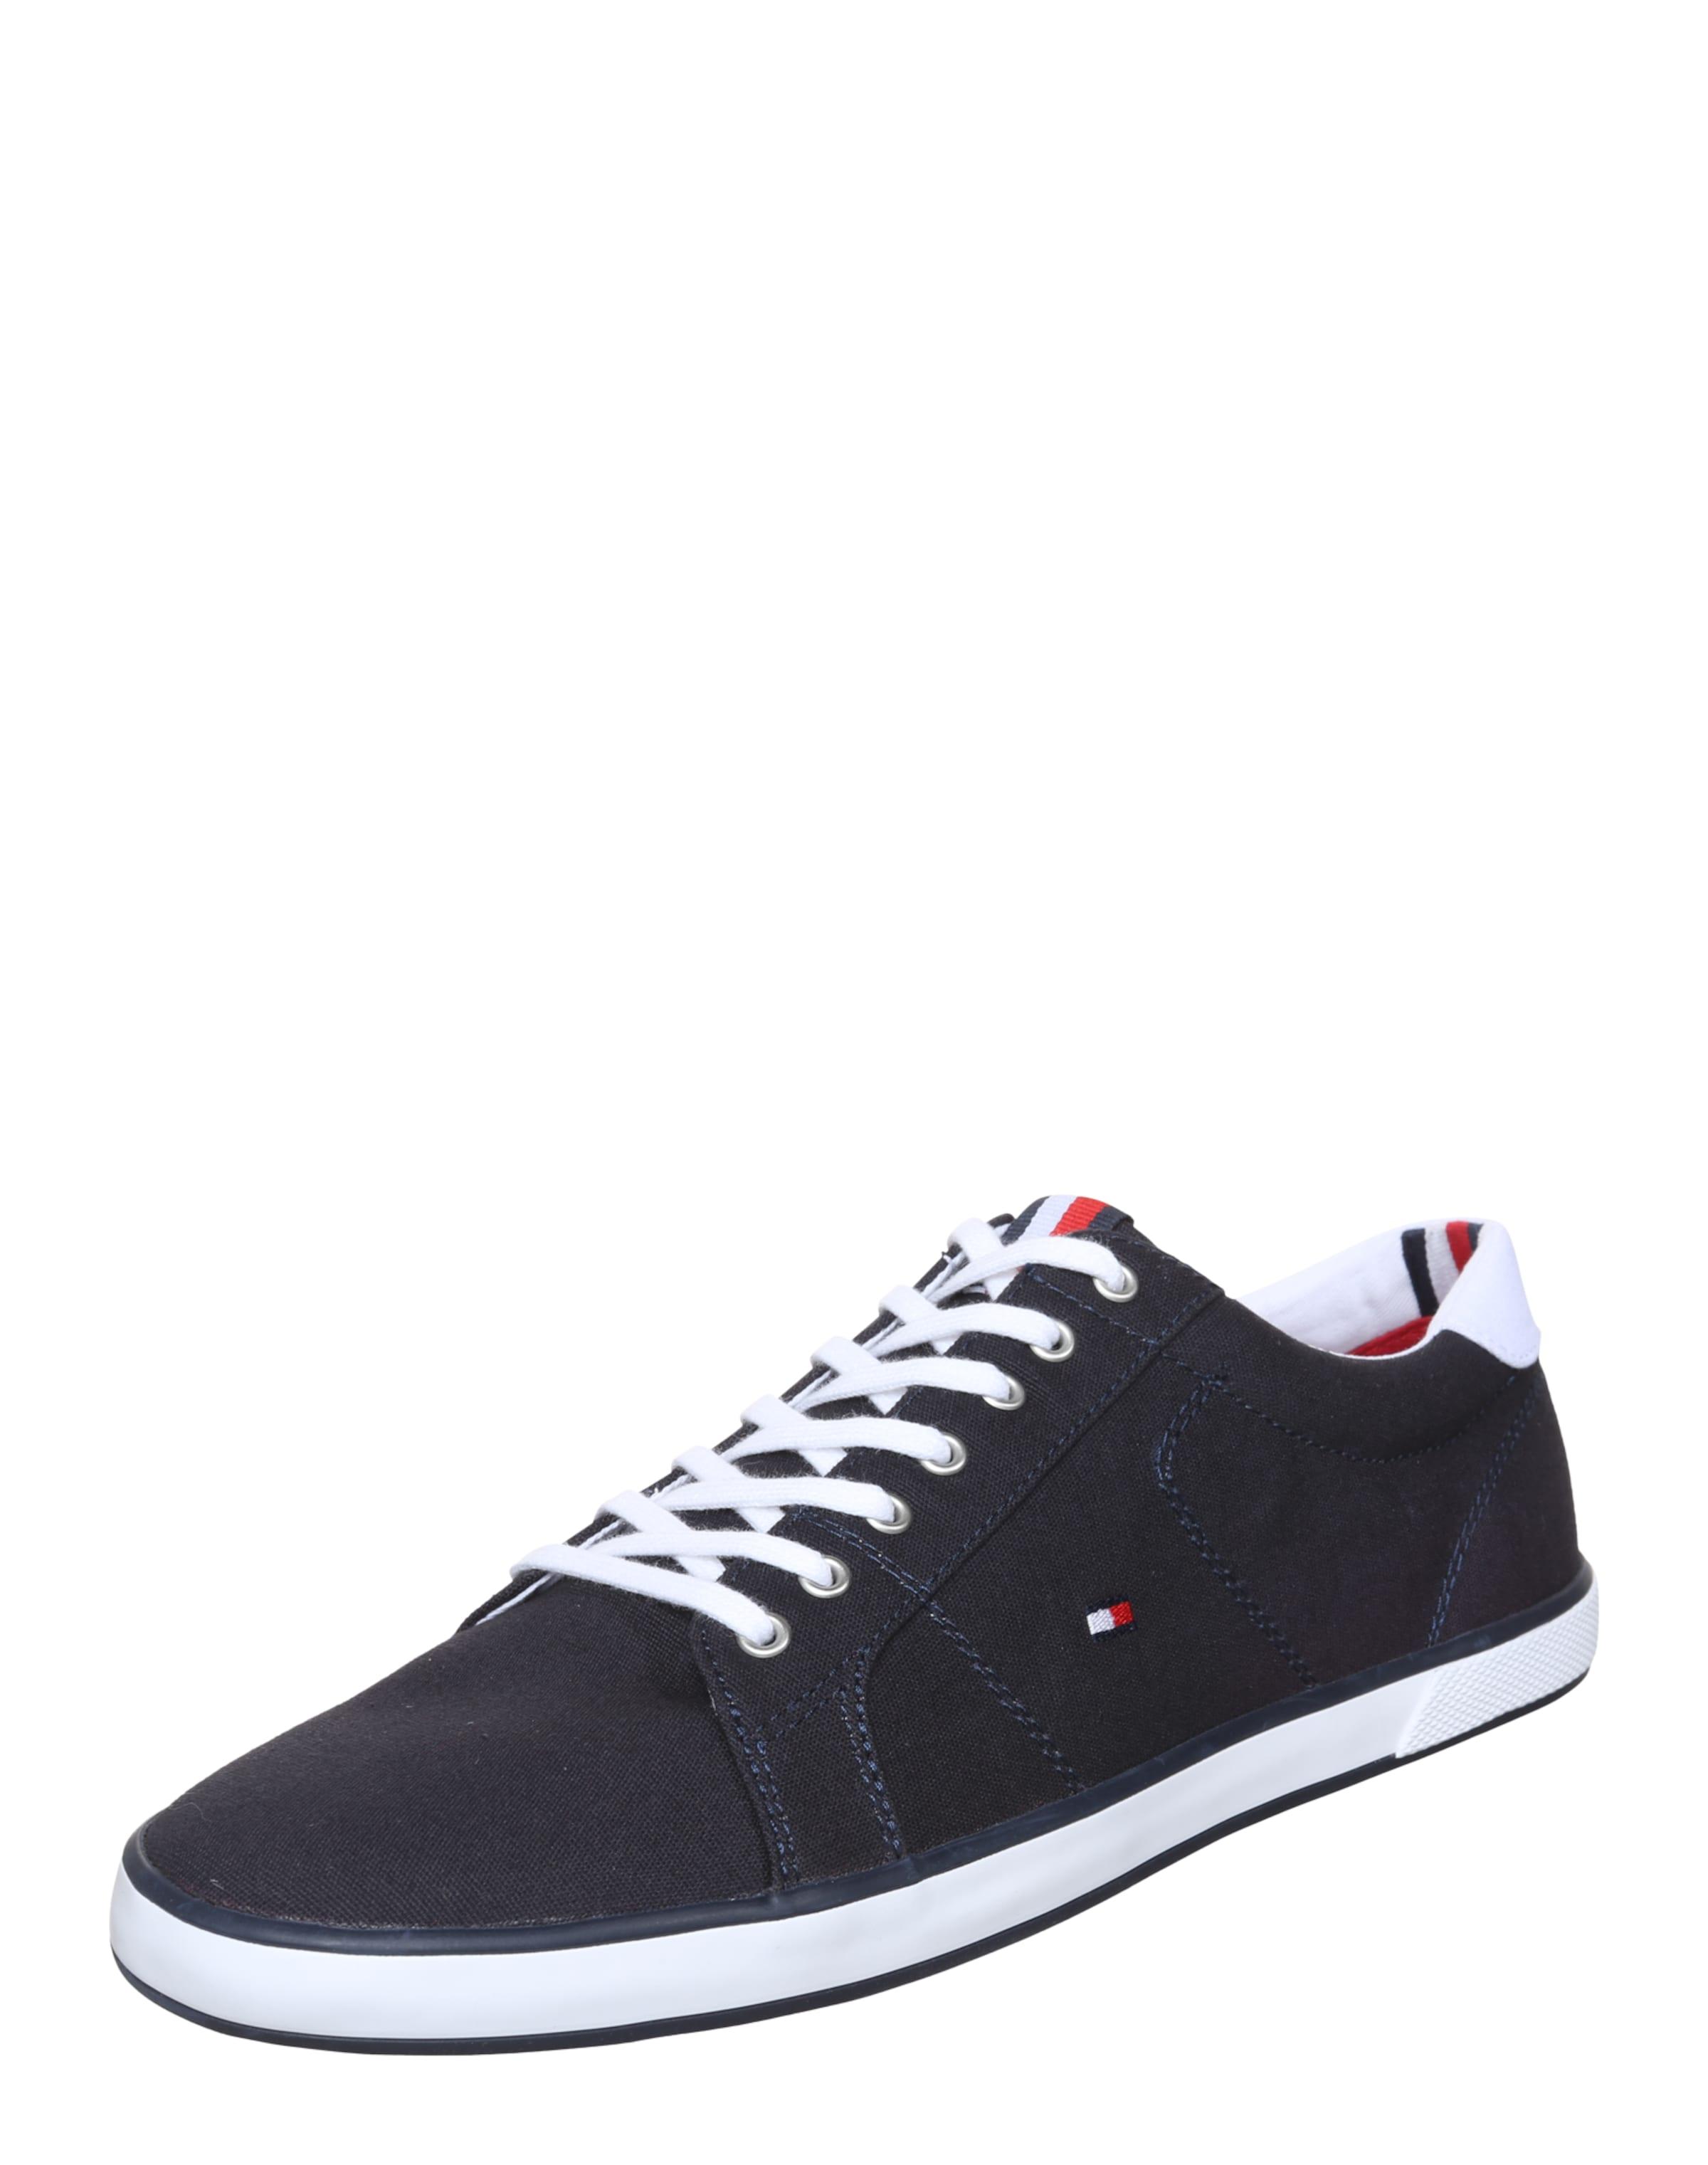 TOMMY HILFIGER Sneaker Verschleißfeste billige Schuhe